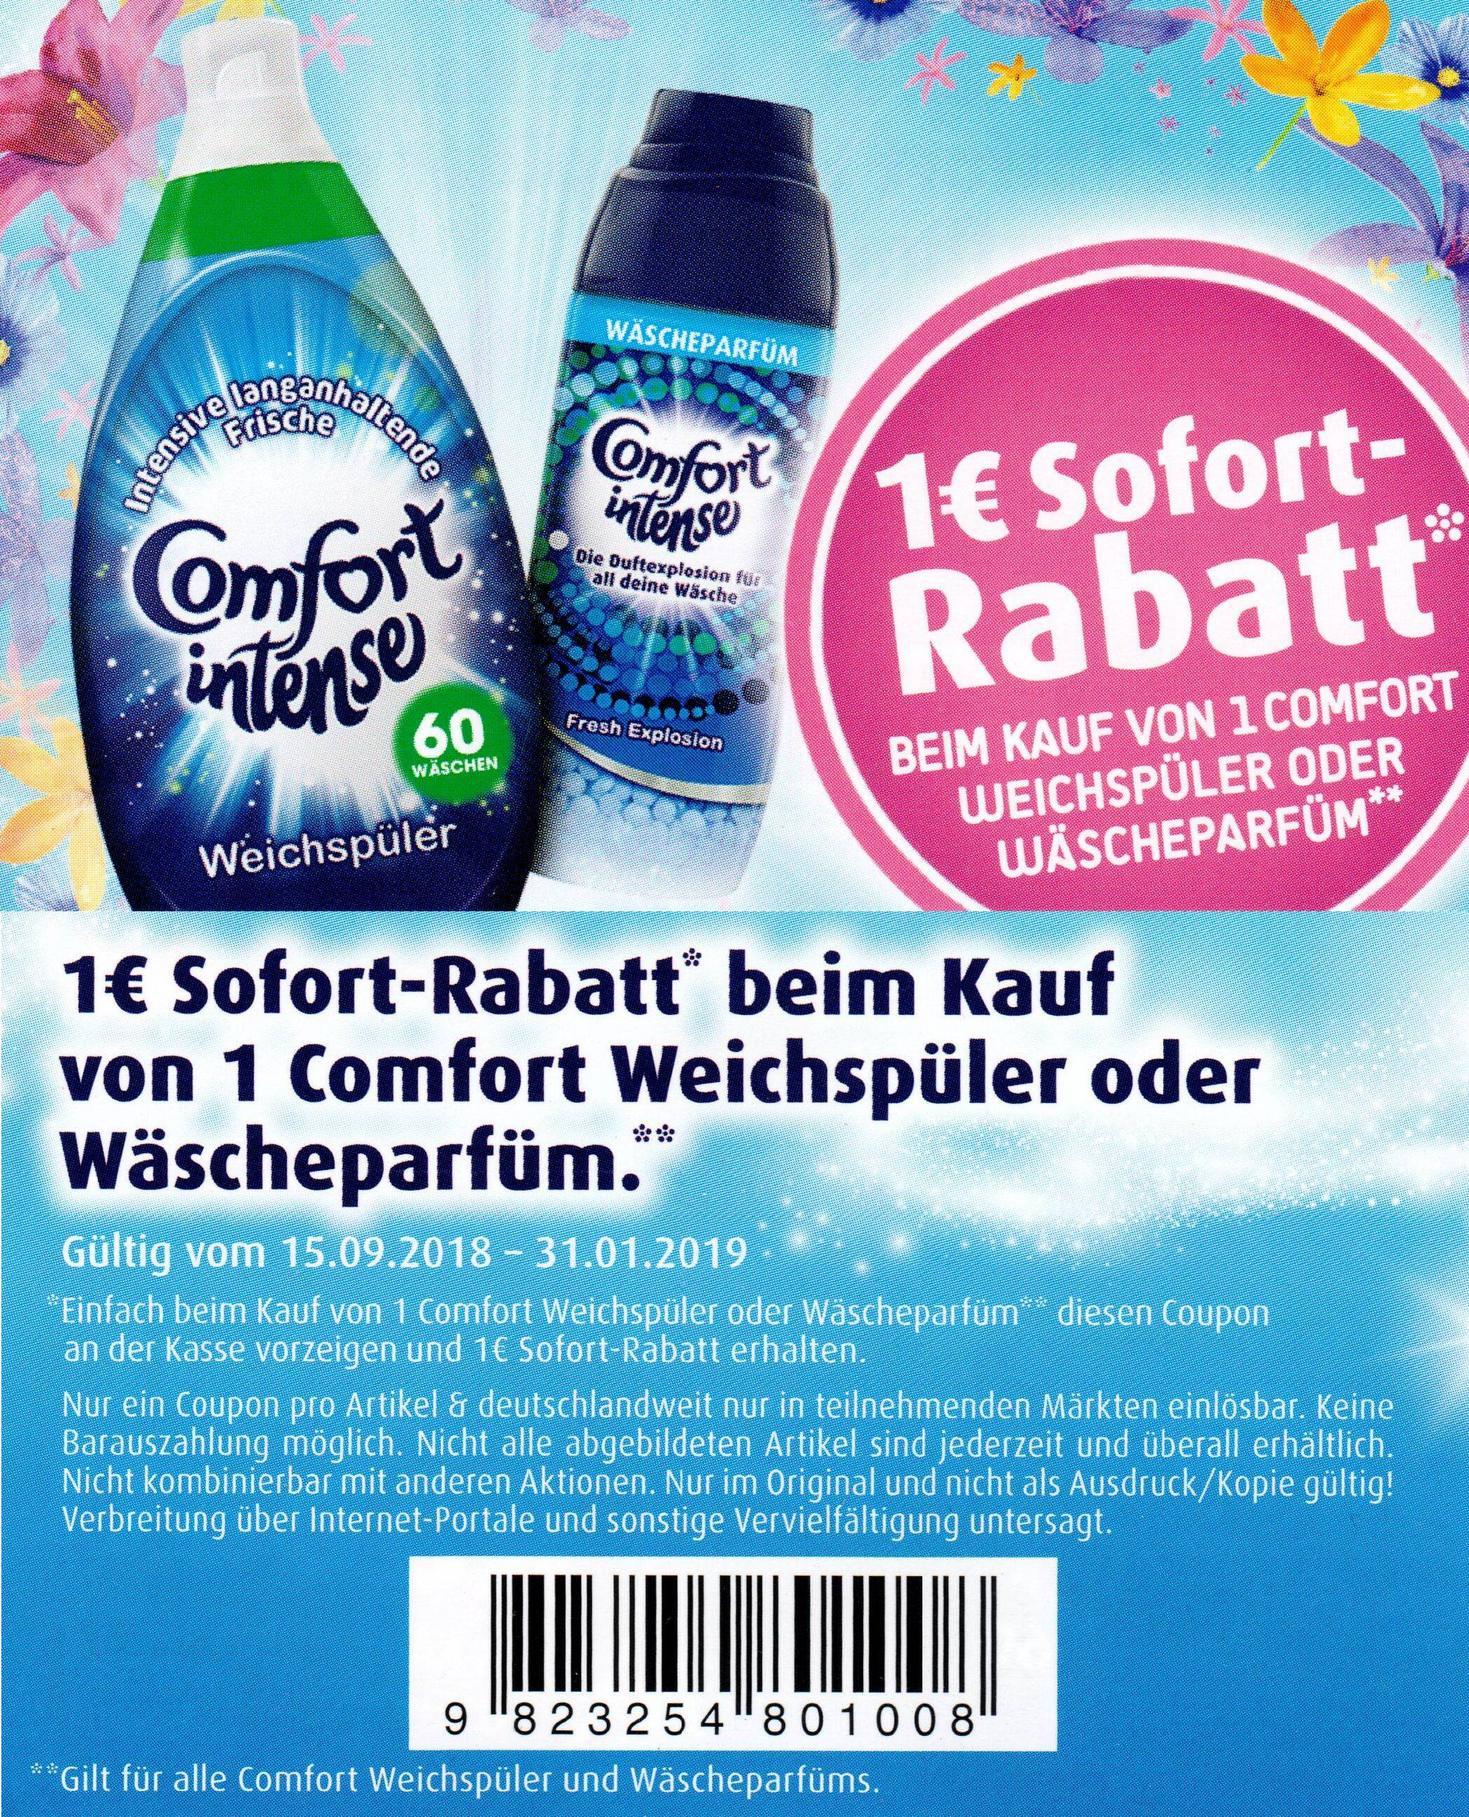 1€ Sofort-Rabatt Coupon für den Kauf einer Flasche Comfort Weichspüler oder Wäscheparfüm bis 31.01.2019 [bundesweit]